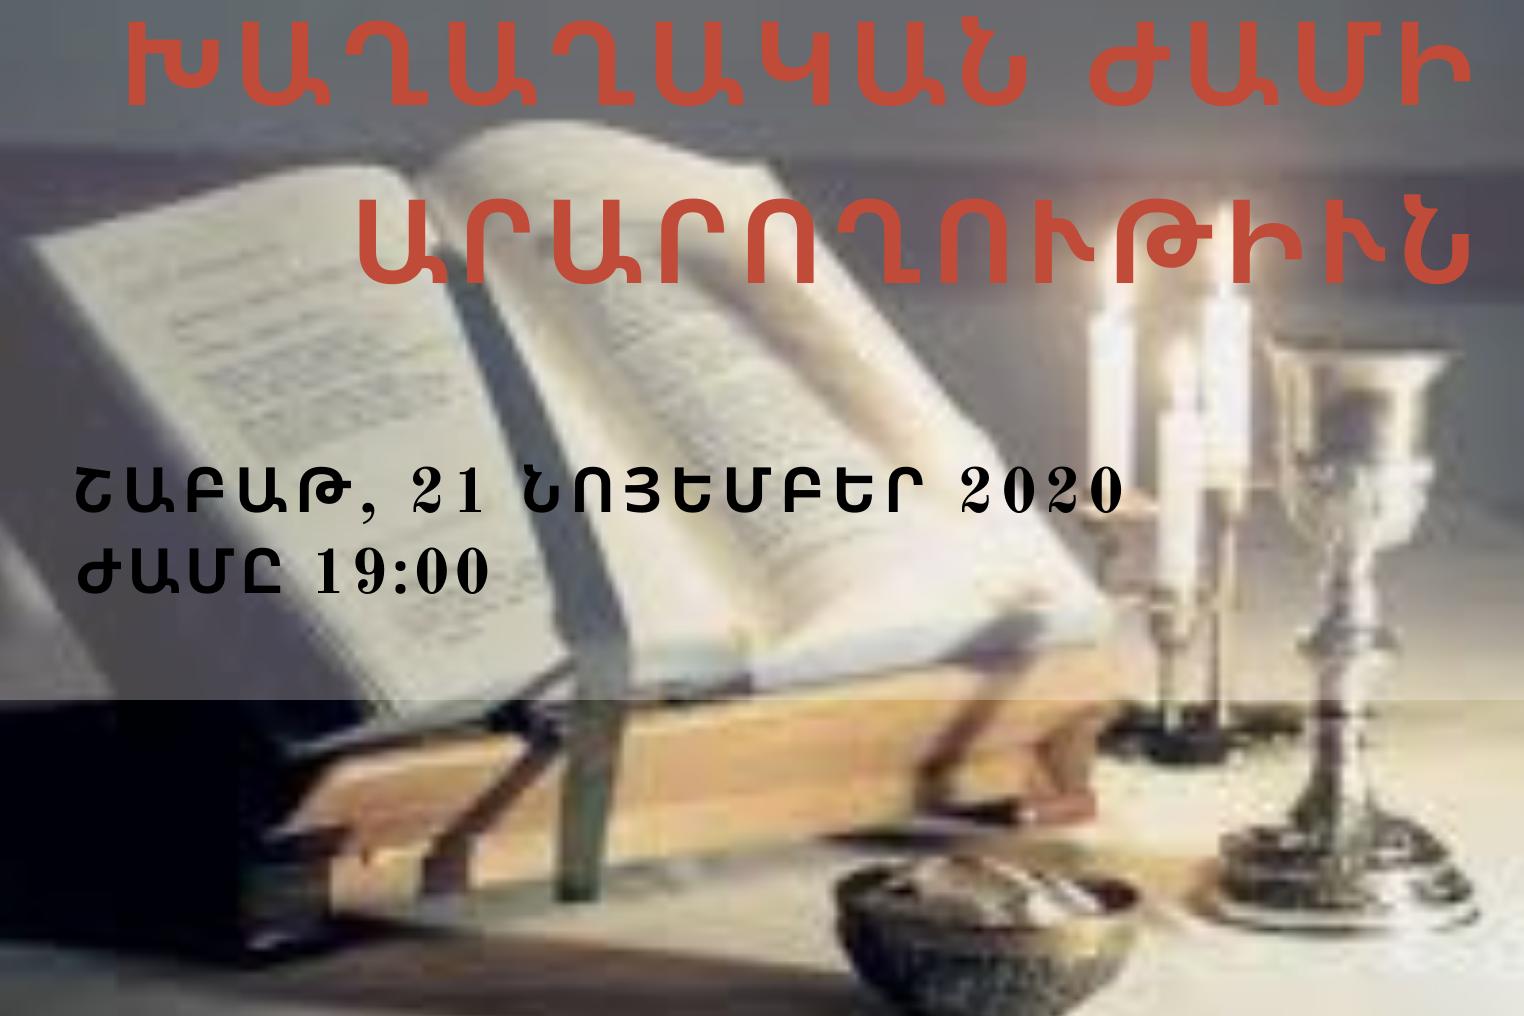 Խաղաղական ժամի արարողություն․ Շաբաթ 19 Նոյեմբեր 2020, ժամը 19։30